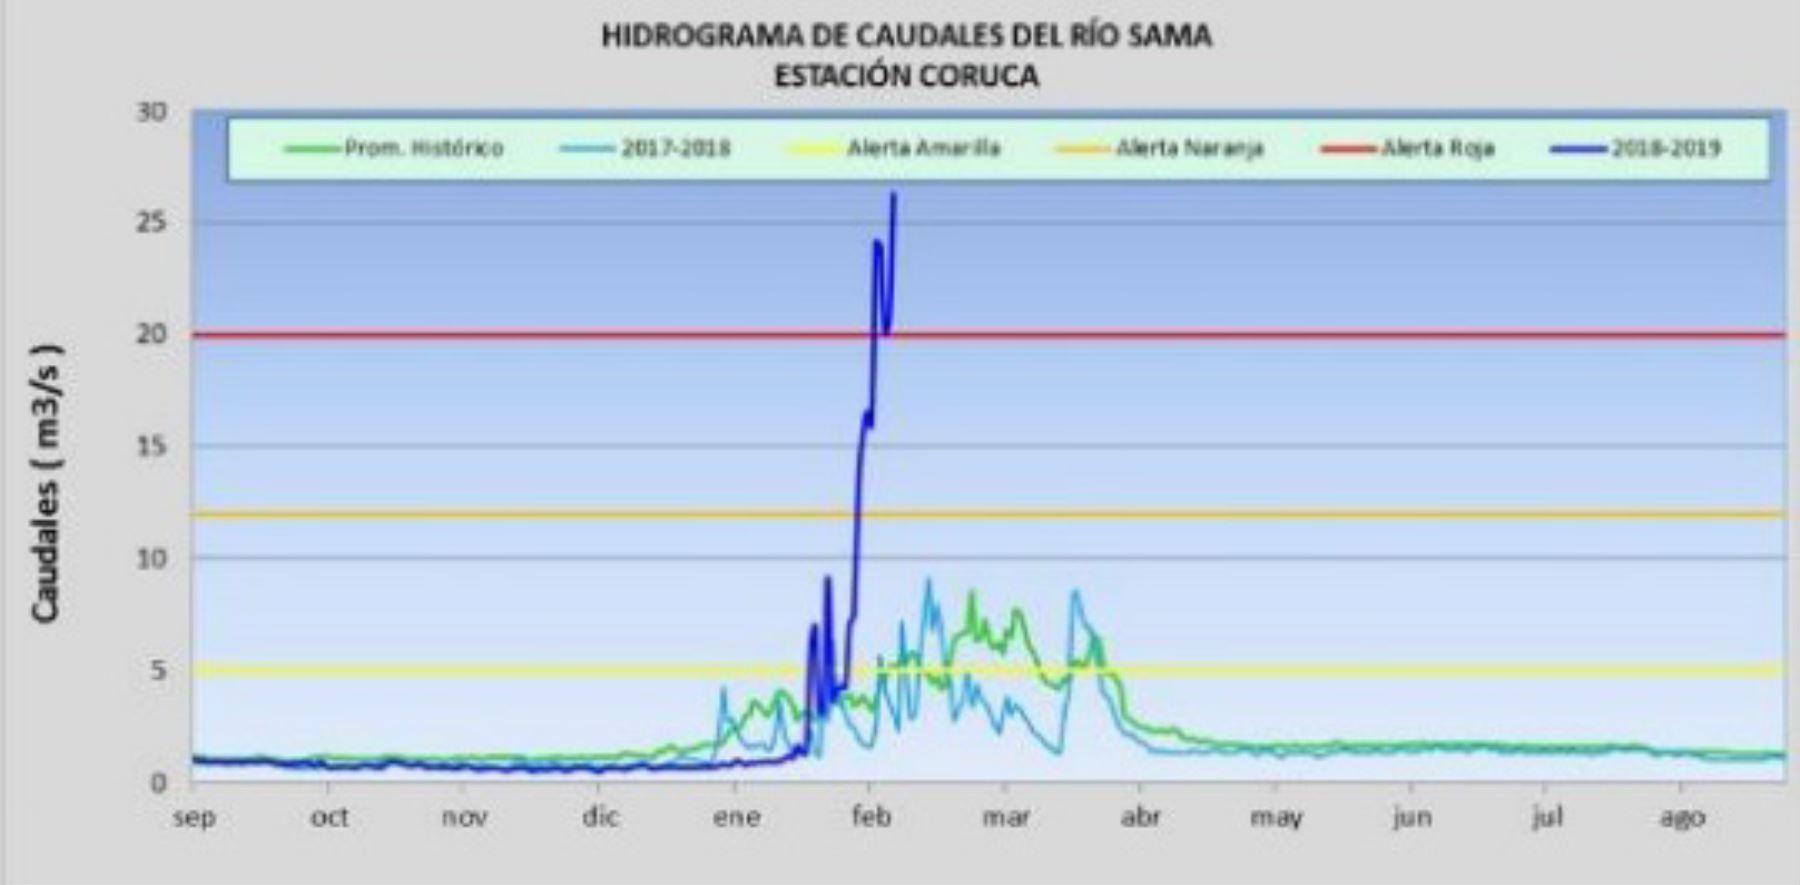 Hasta las 10:00 horas de hoy, el caudal del río Sama  (Tacna) registró 26.3 metros cúbicos por segundo.